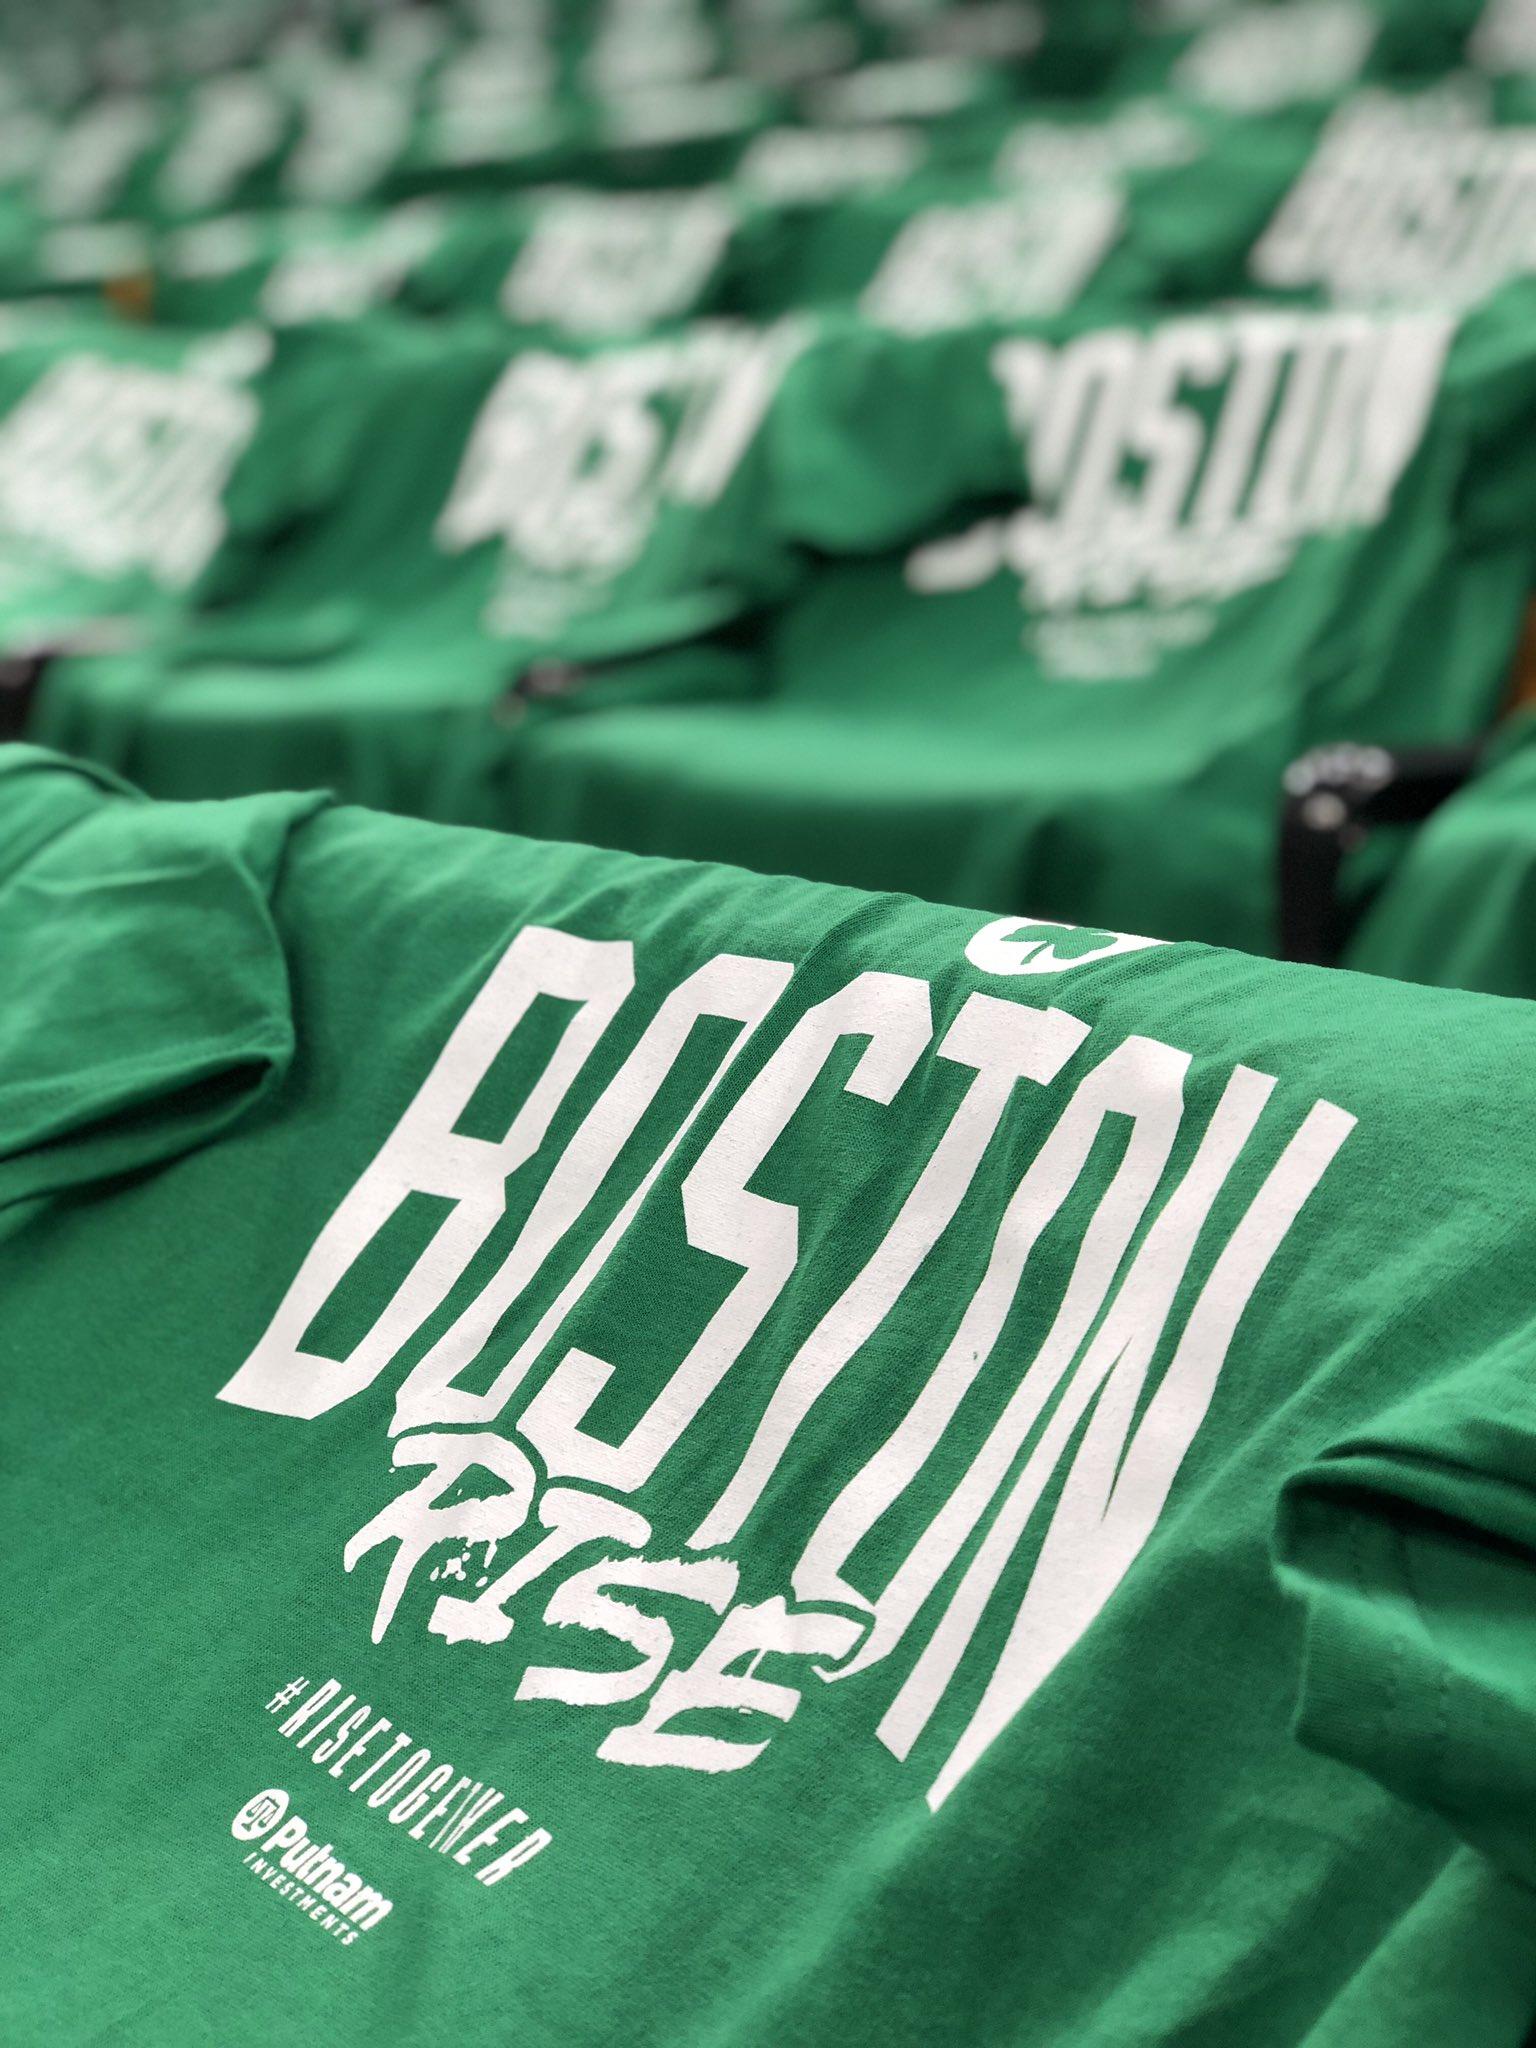 ��Boston, MA  GAME 1 x #NBAPlayoffs   ��: #GoldDontQuitx #Celtics  ⏰: 1pm/et  ��: @NBAonTNT https://t.co/ffnZEIXWgE